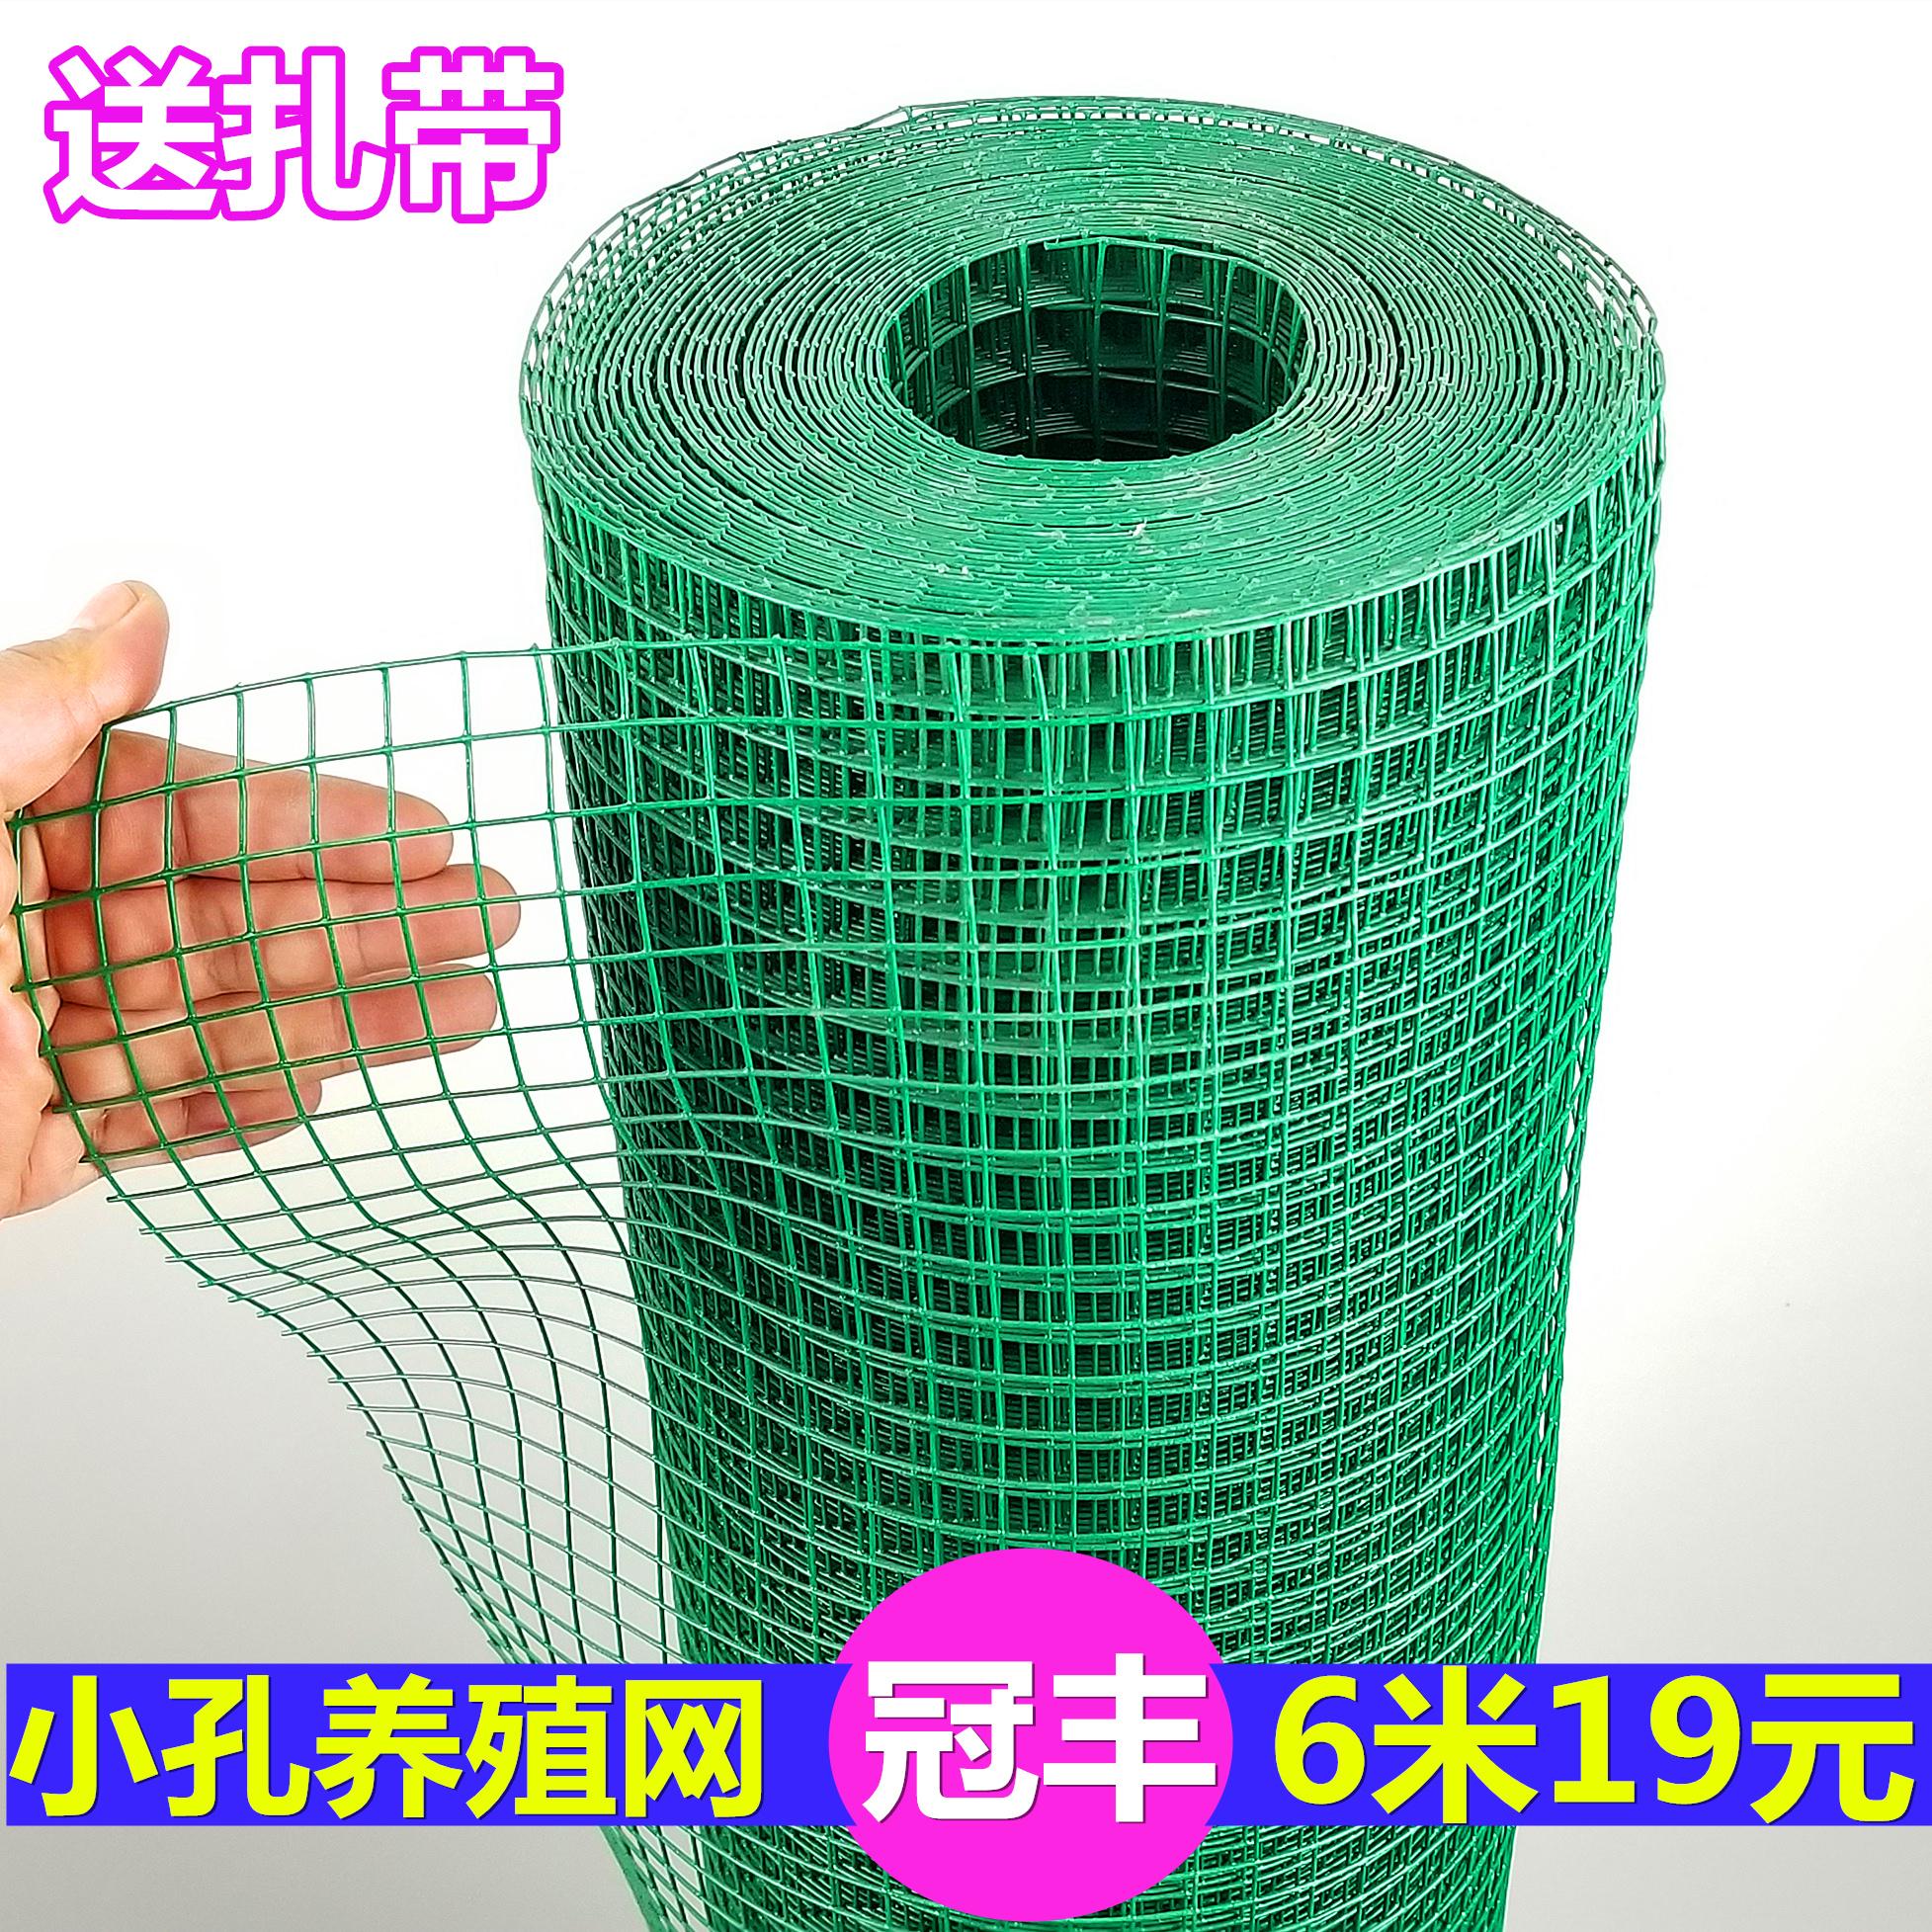 Вымочить модель железный провод чистый забор провод чистый поддержка колонизация чистый электричество сварной шов чистый зелёная клетка изоляция чистый защищать чистый отверстия антикоррозийная домой